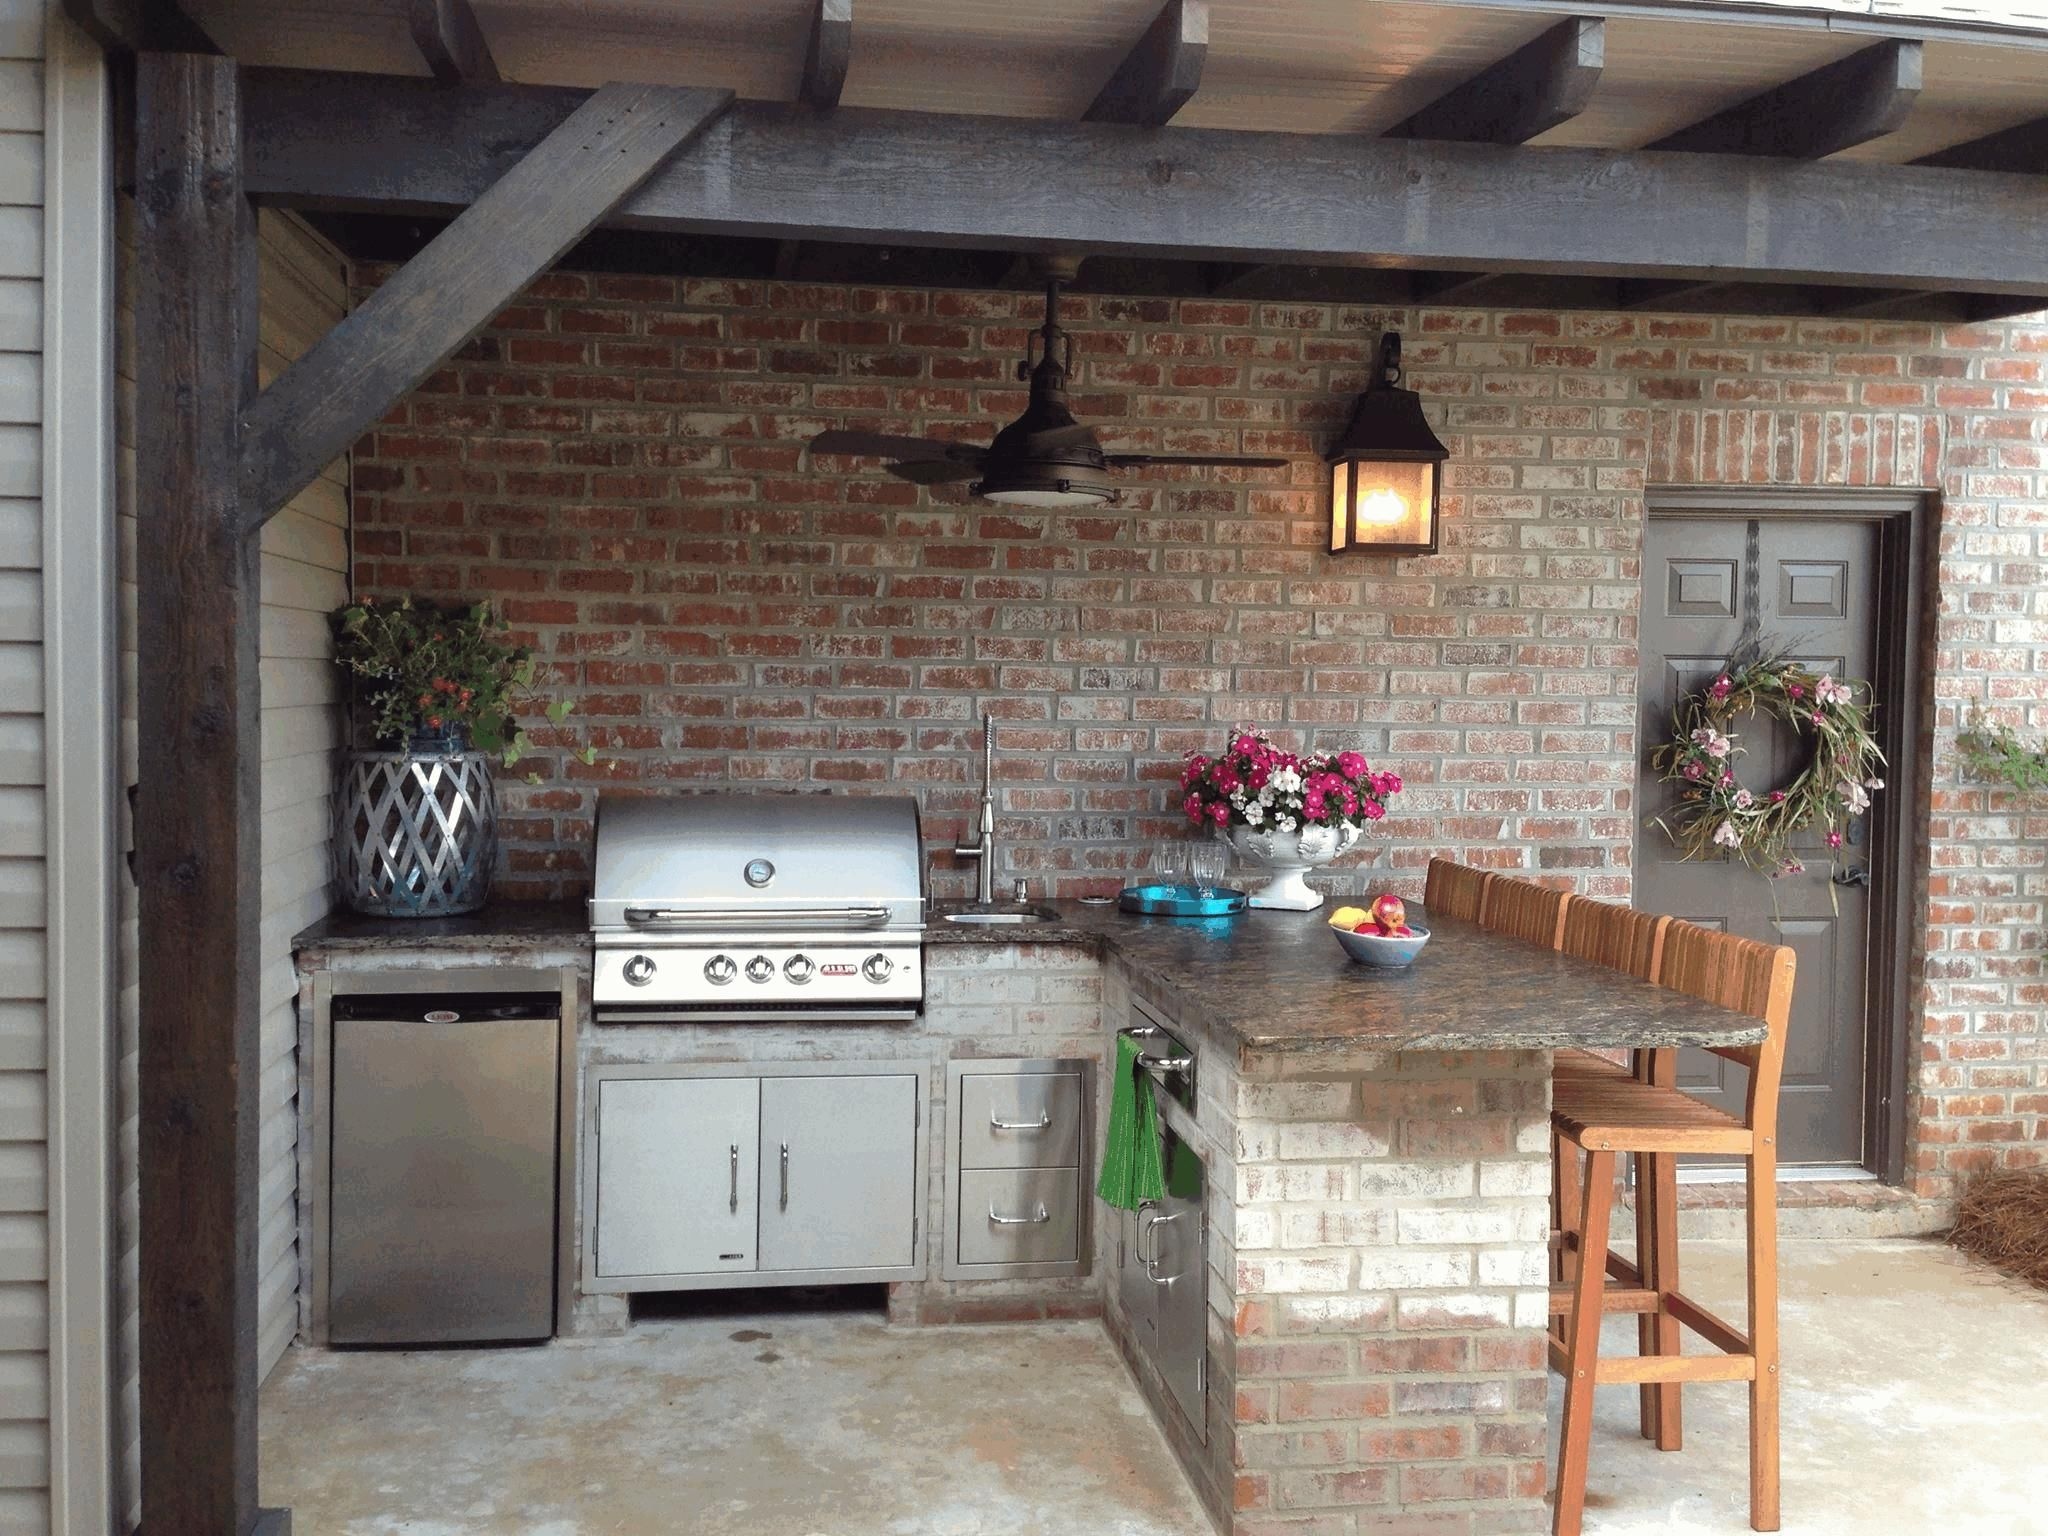 gemauerte Außenküche mit Barhocker, Grill und Kühlschrank